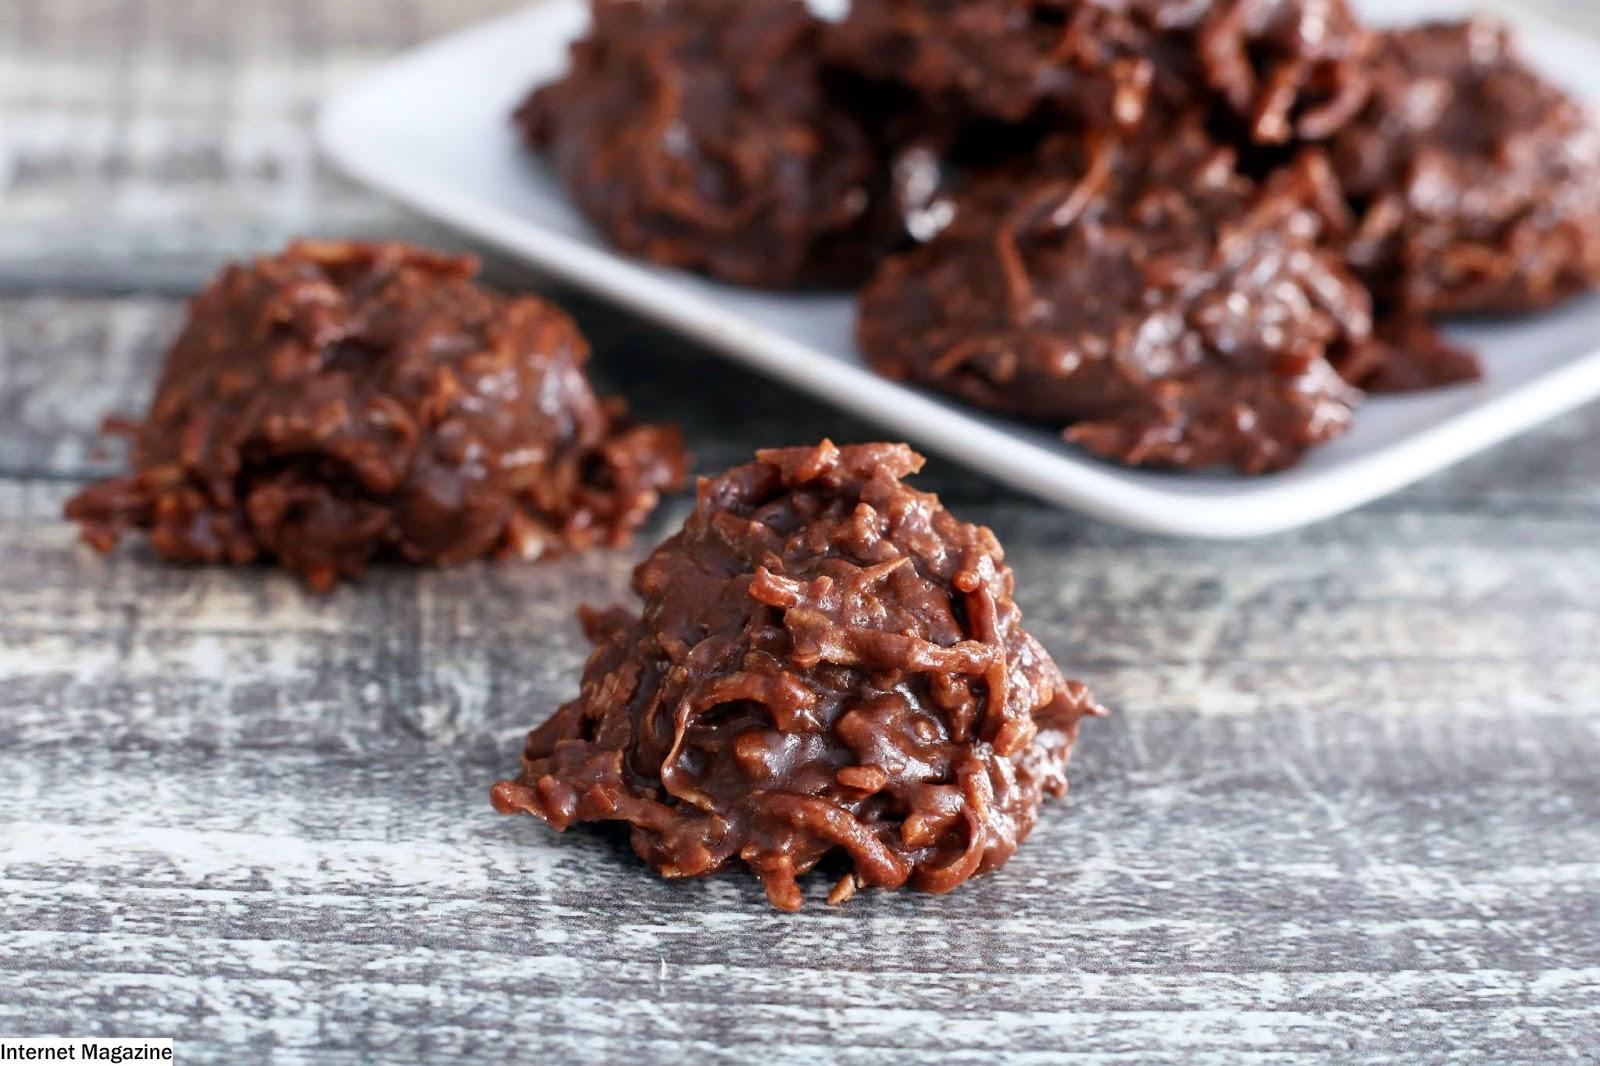 Resep Kue Macaroon Cokelat